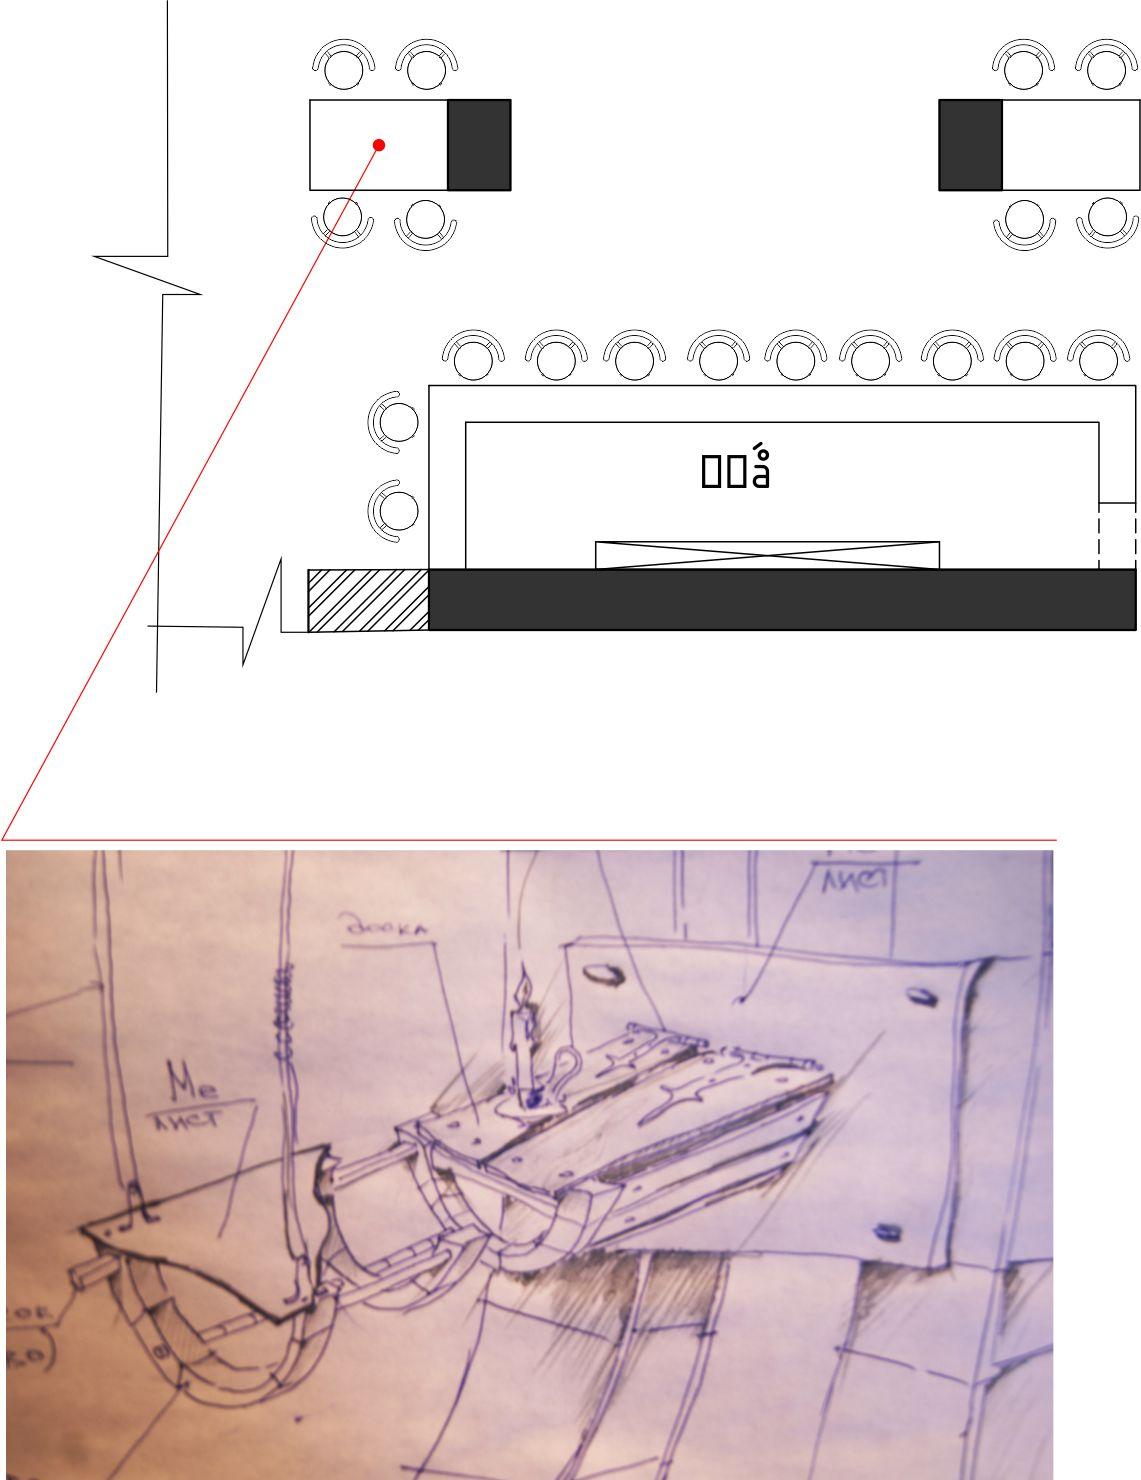 Разработка дизайна помещения под бар фото f_544594696628dafd.jpg